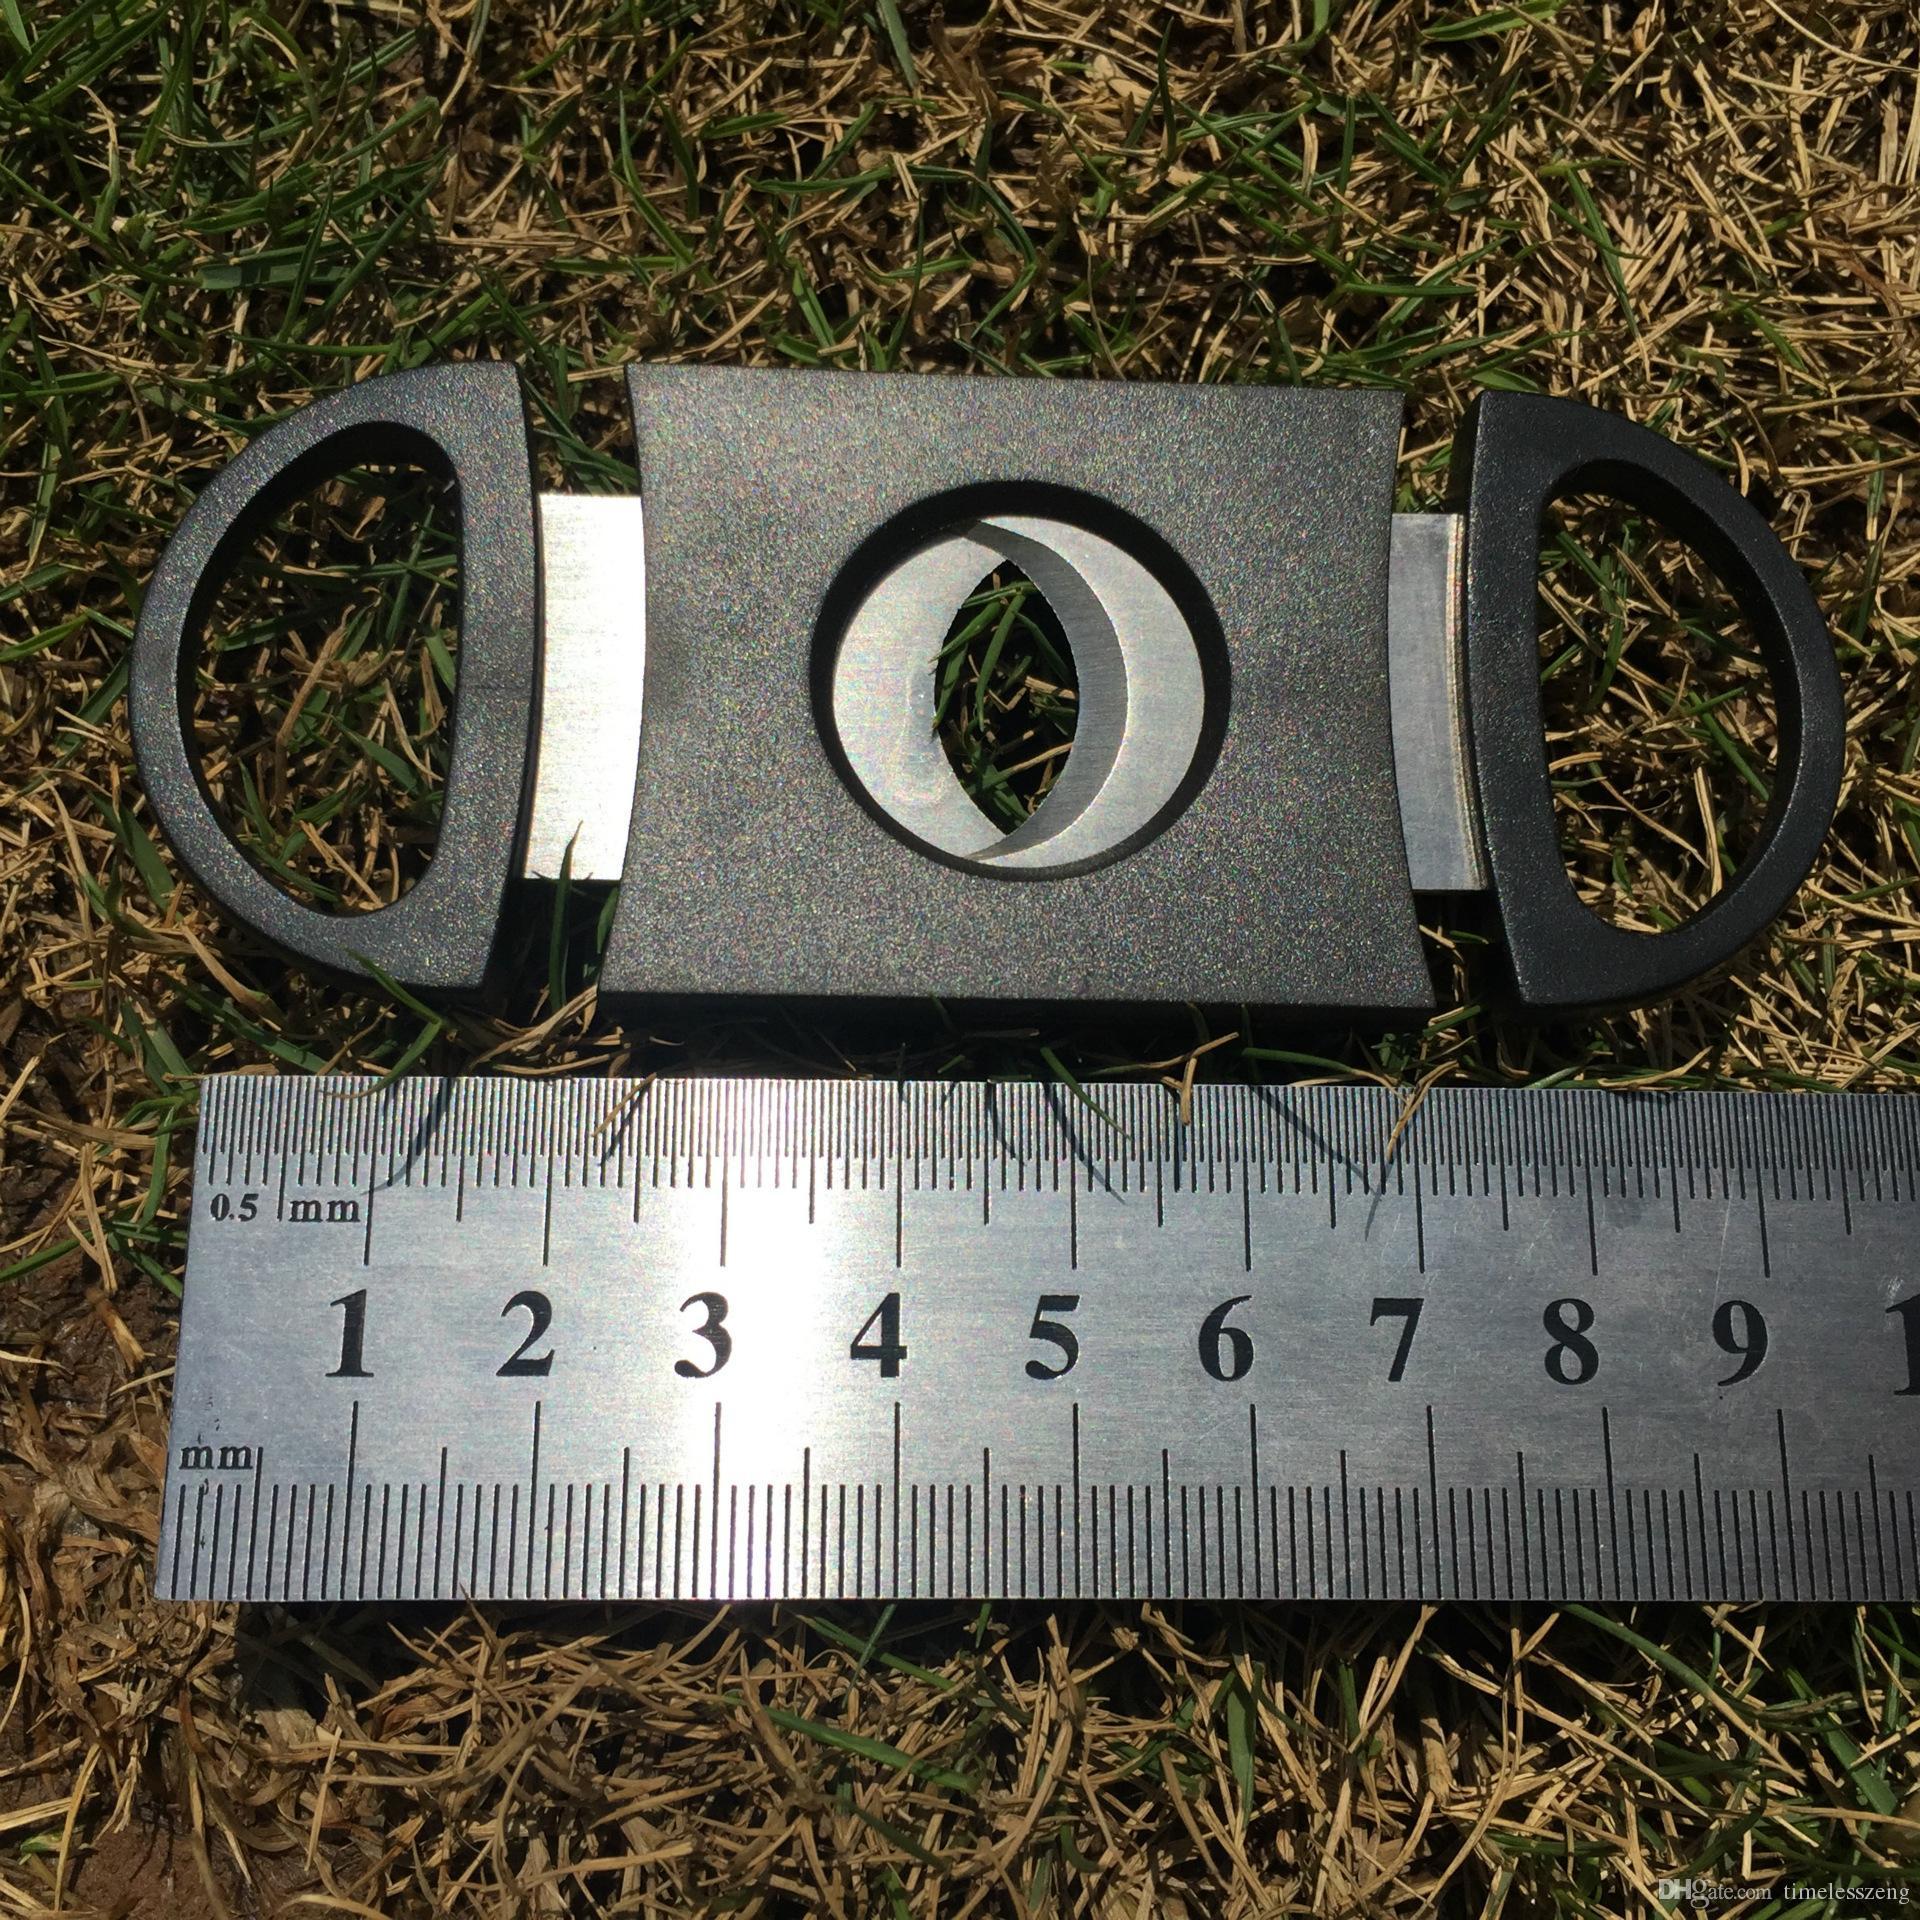 Cep plastik paslanmaz çelik çift bıçakları puro kesici Sözleşmeli tarzı siyah puro makas Puro aksesuarları Ücretsiz kargo